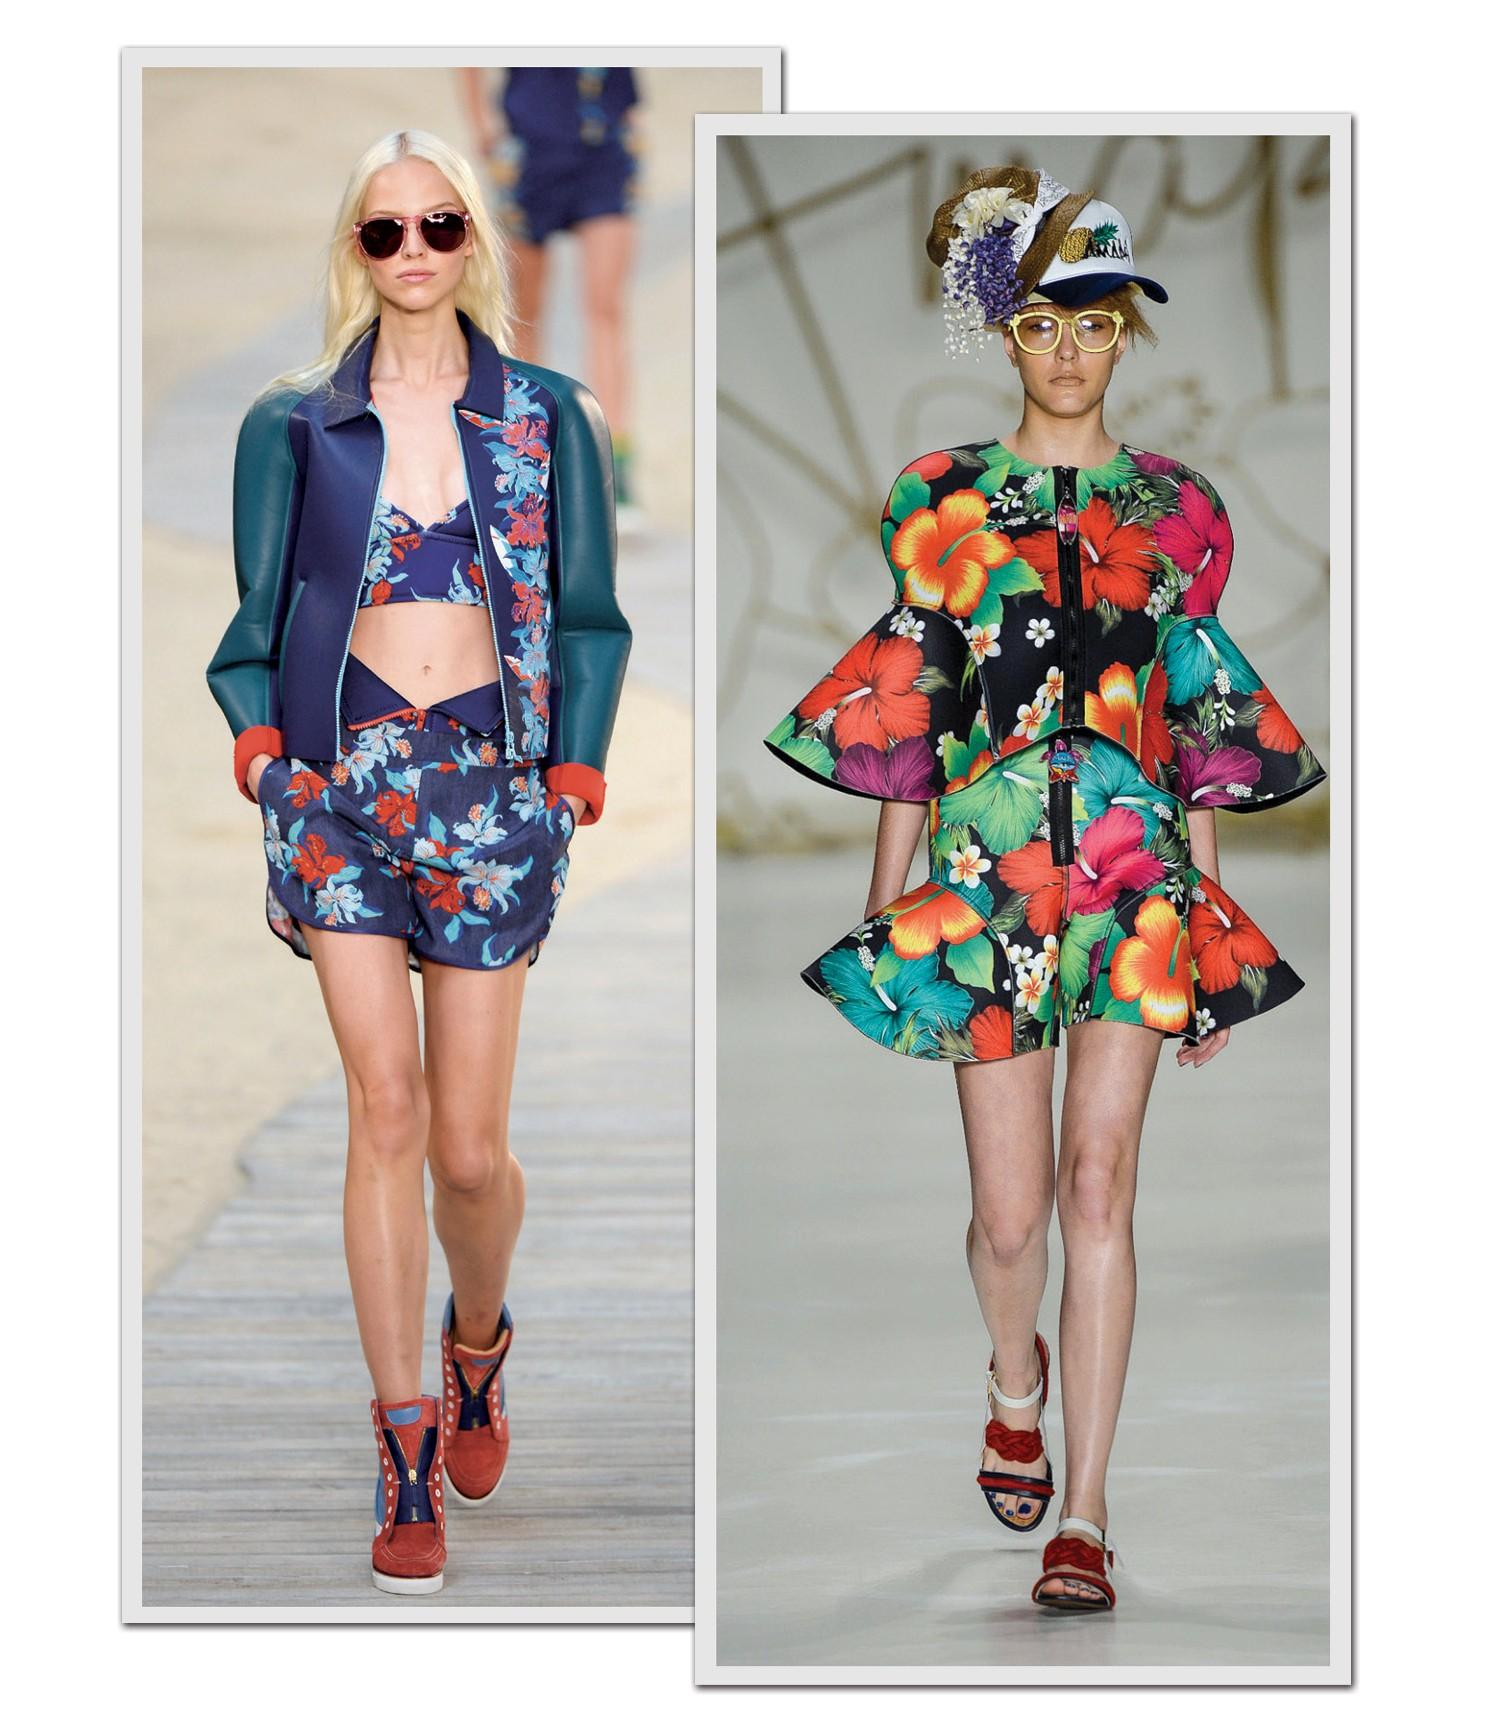 Neoprene sai da praia e invade o guarda-roupa urbano neste verão